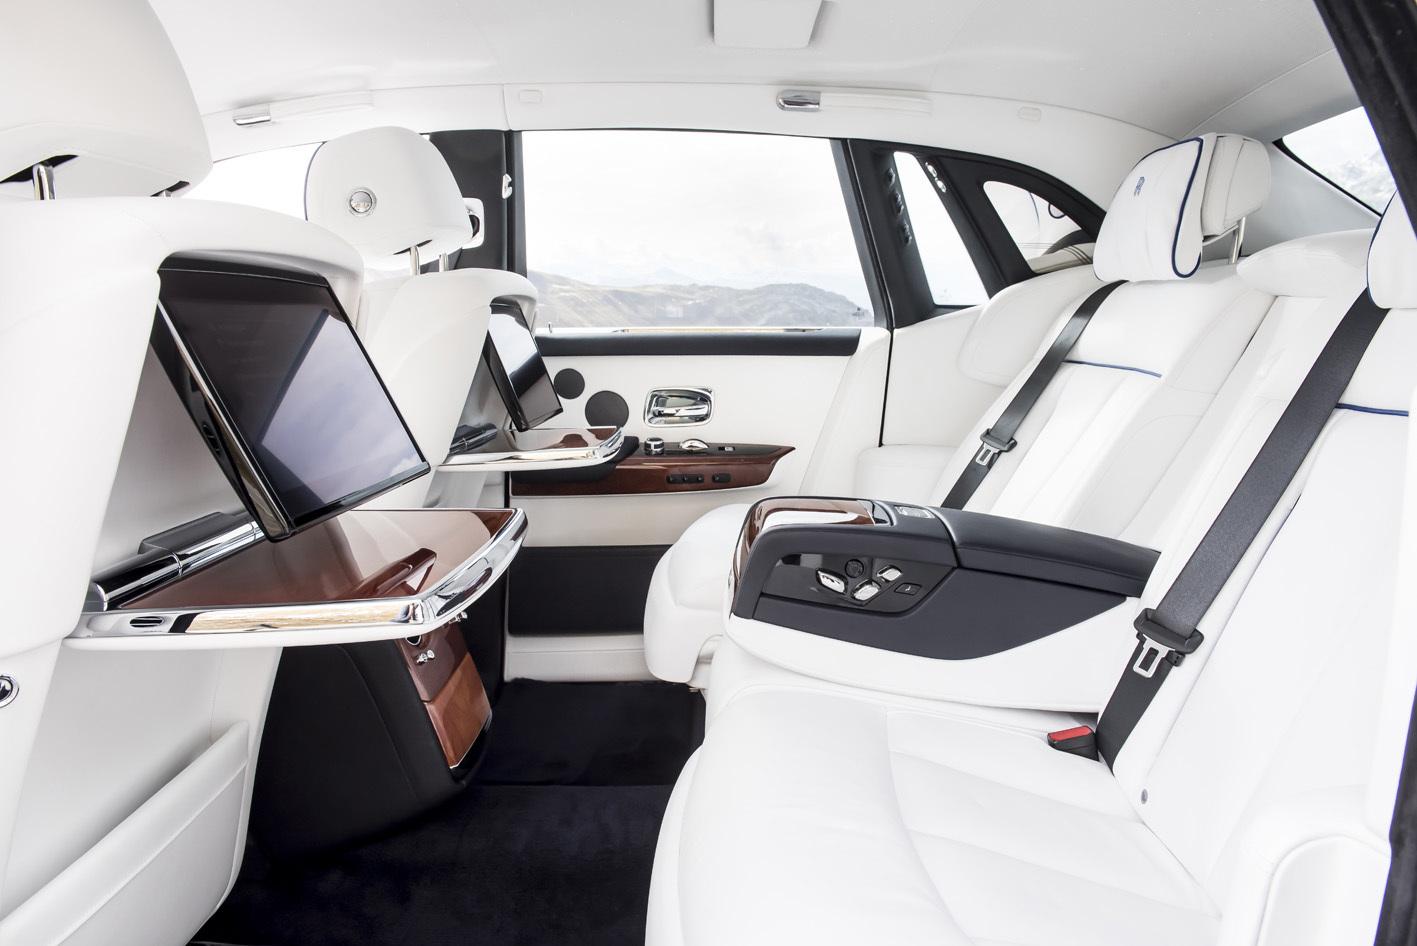 後席には左右にWeb接続済みのモニターが装着されている。なんというか、リビングが移動する感じ